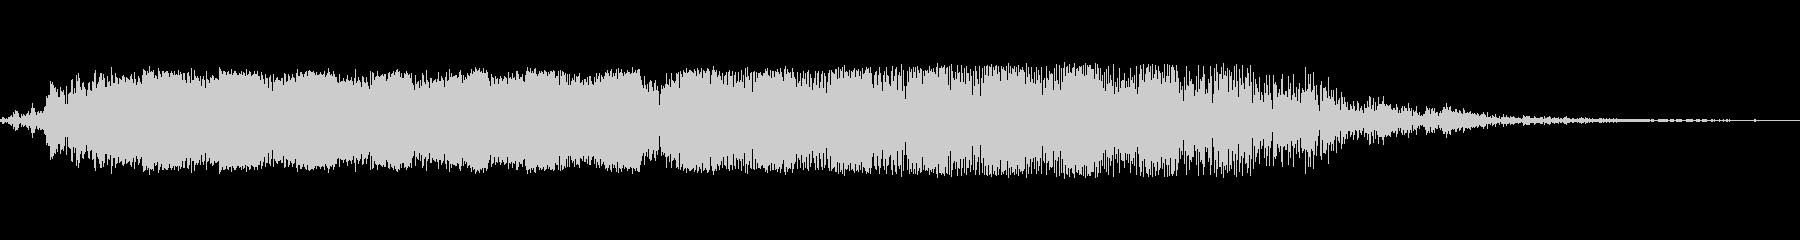 ビヨーンと言ったゲーム音の未再生の波形